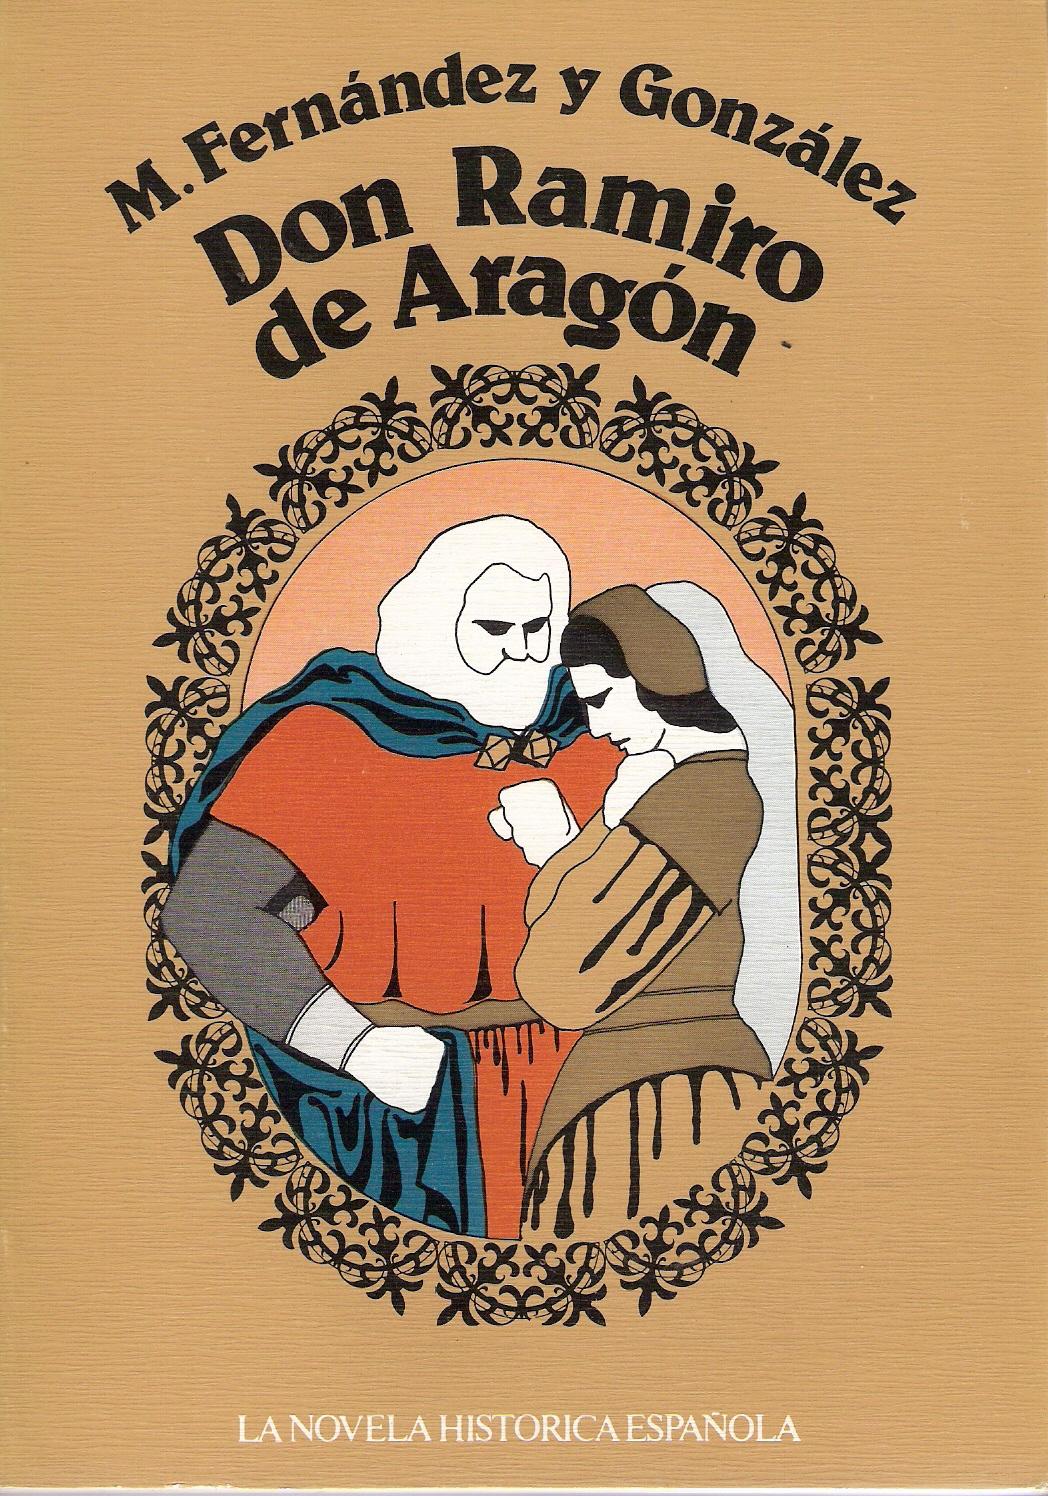 Don Ramiro de Aragón